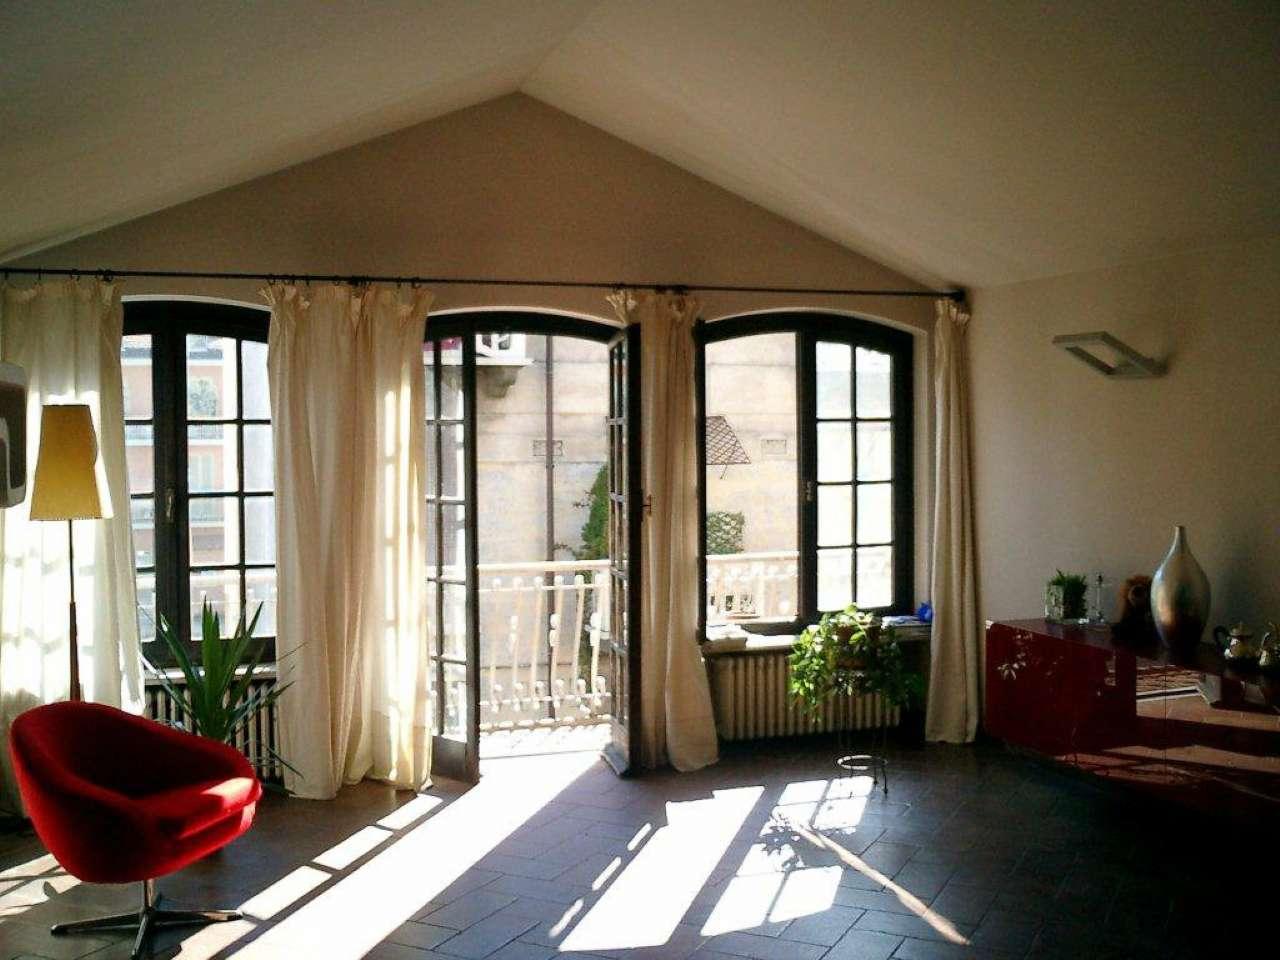 Immagine immobiliare Gran Madre - Affascinante appartamento mansardato Torino, Gran Madre - Via Ferrante Aporti, affittiamo affascinante appartamento di circa 130 mq al 3° ed ultimo piano di deliziosa palazzina degli anni '30 senza ascensore. L'immobile...